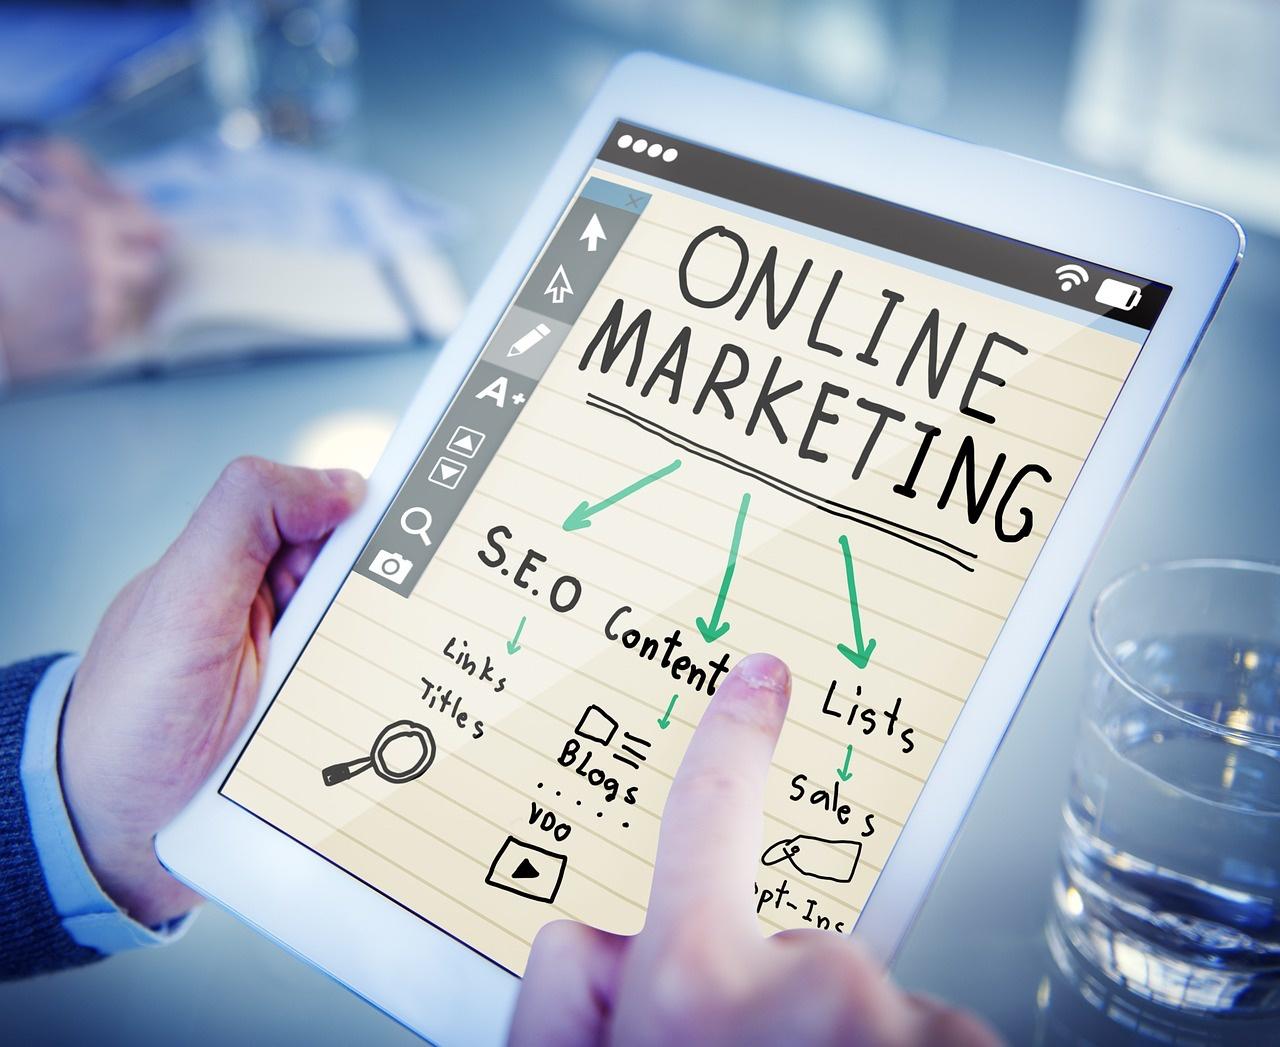 Digitaalinen markkinointi - Kouvola 2021 - tutkinto työn ohella